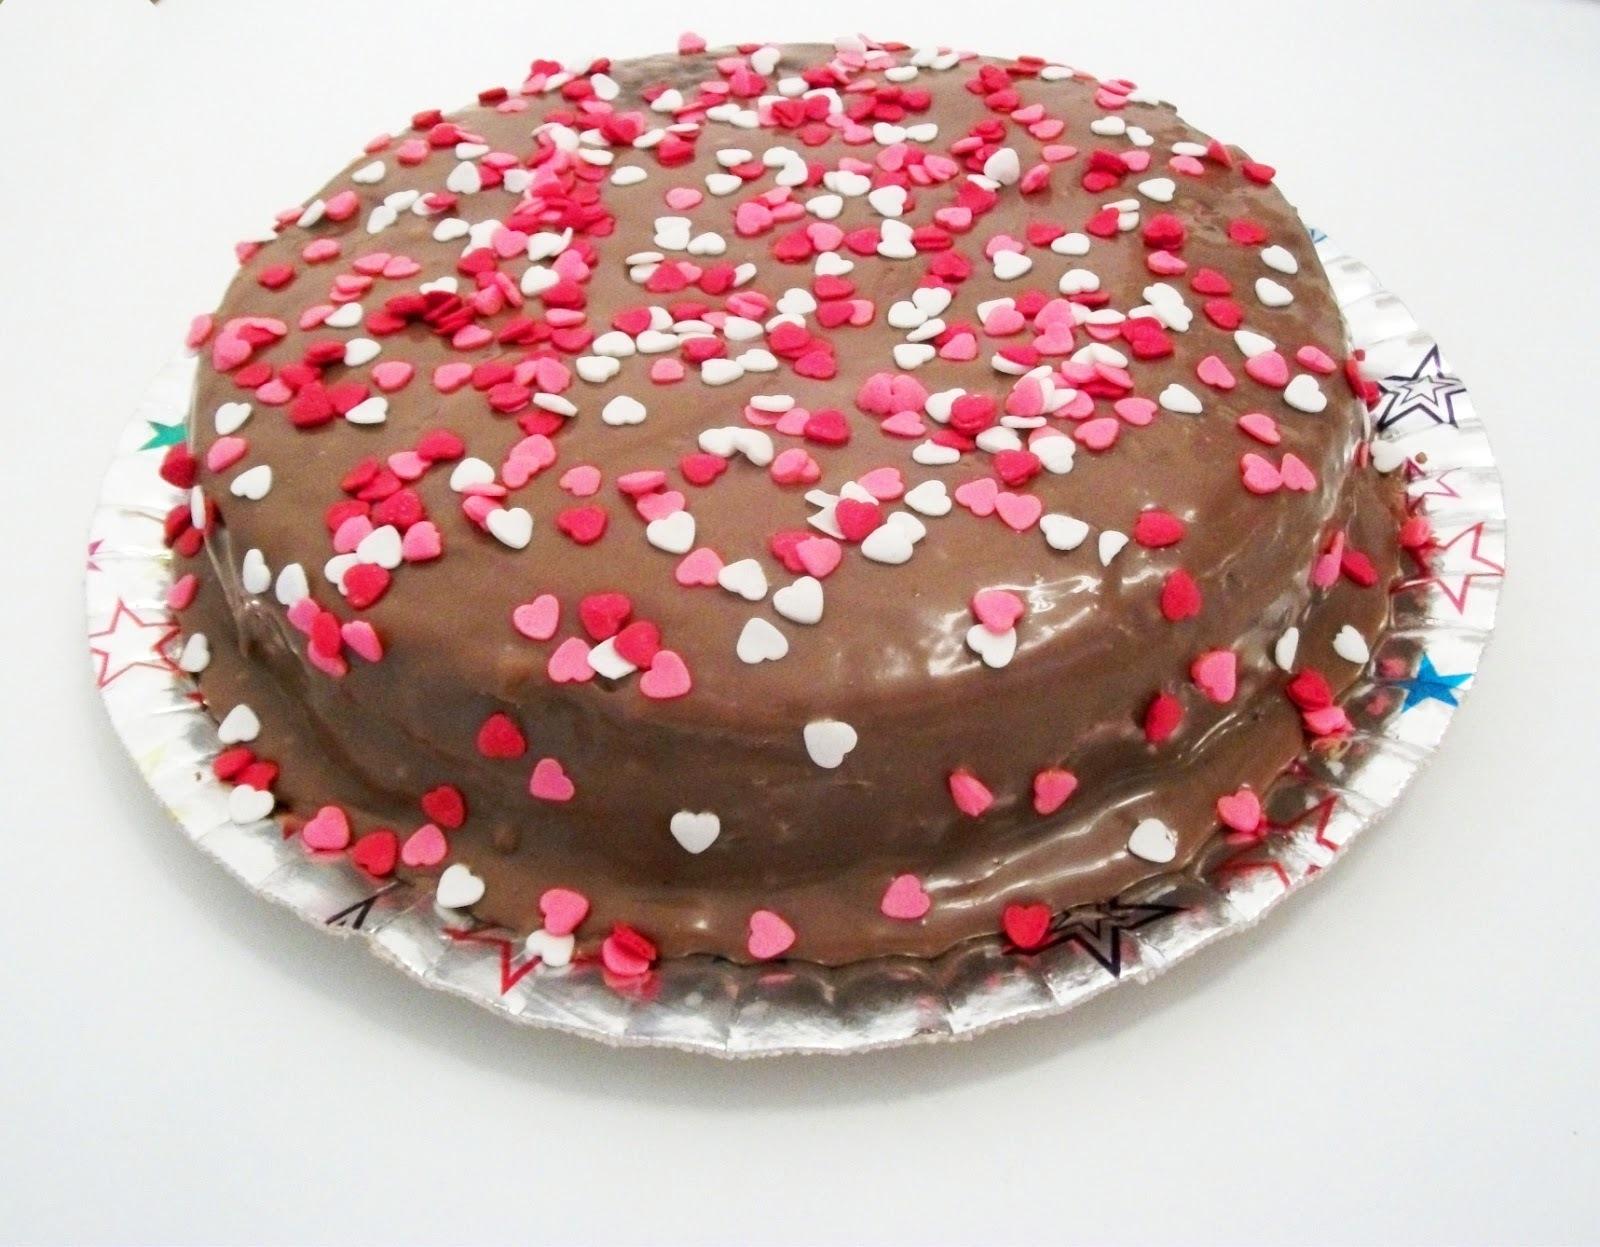 dicas como molhar o bolo de chocolate